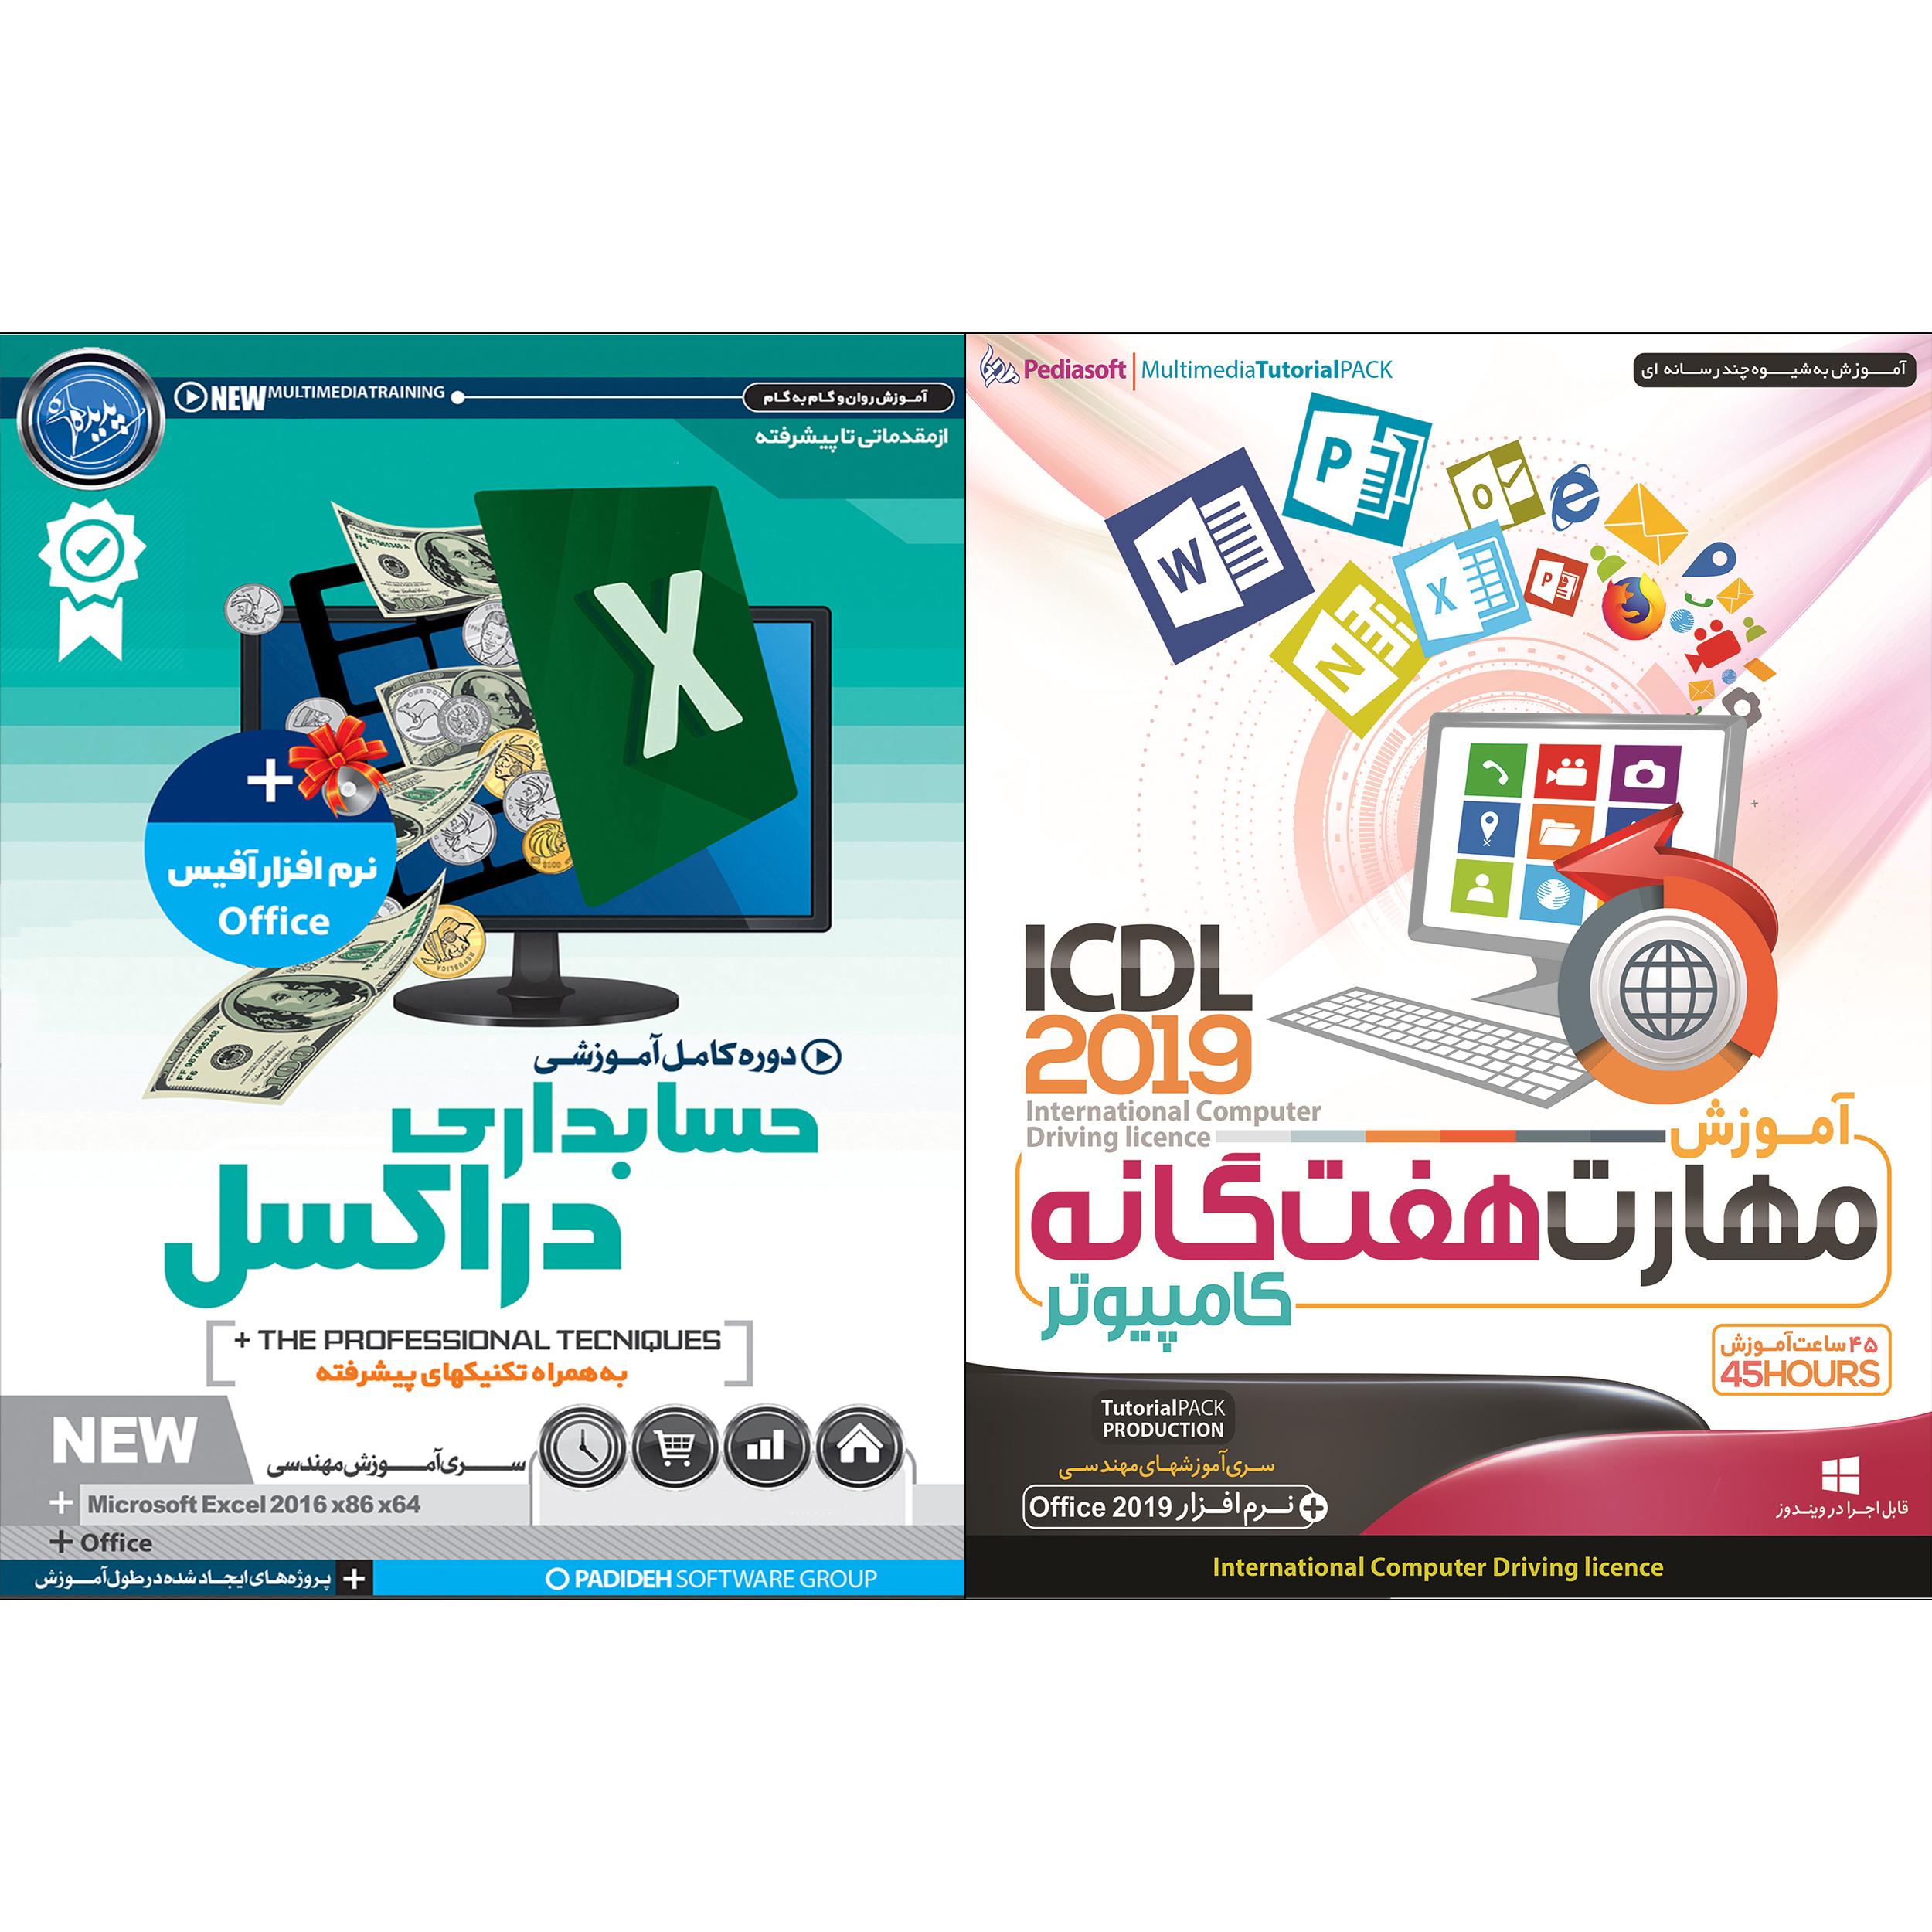 نرم افزار آموزش مهارت هفتگانه کامپیوتر ICDL 2019 نشر پدیا سافت به همراه نرم افزار آموزش حسابداری در اکسل نشر پدیده